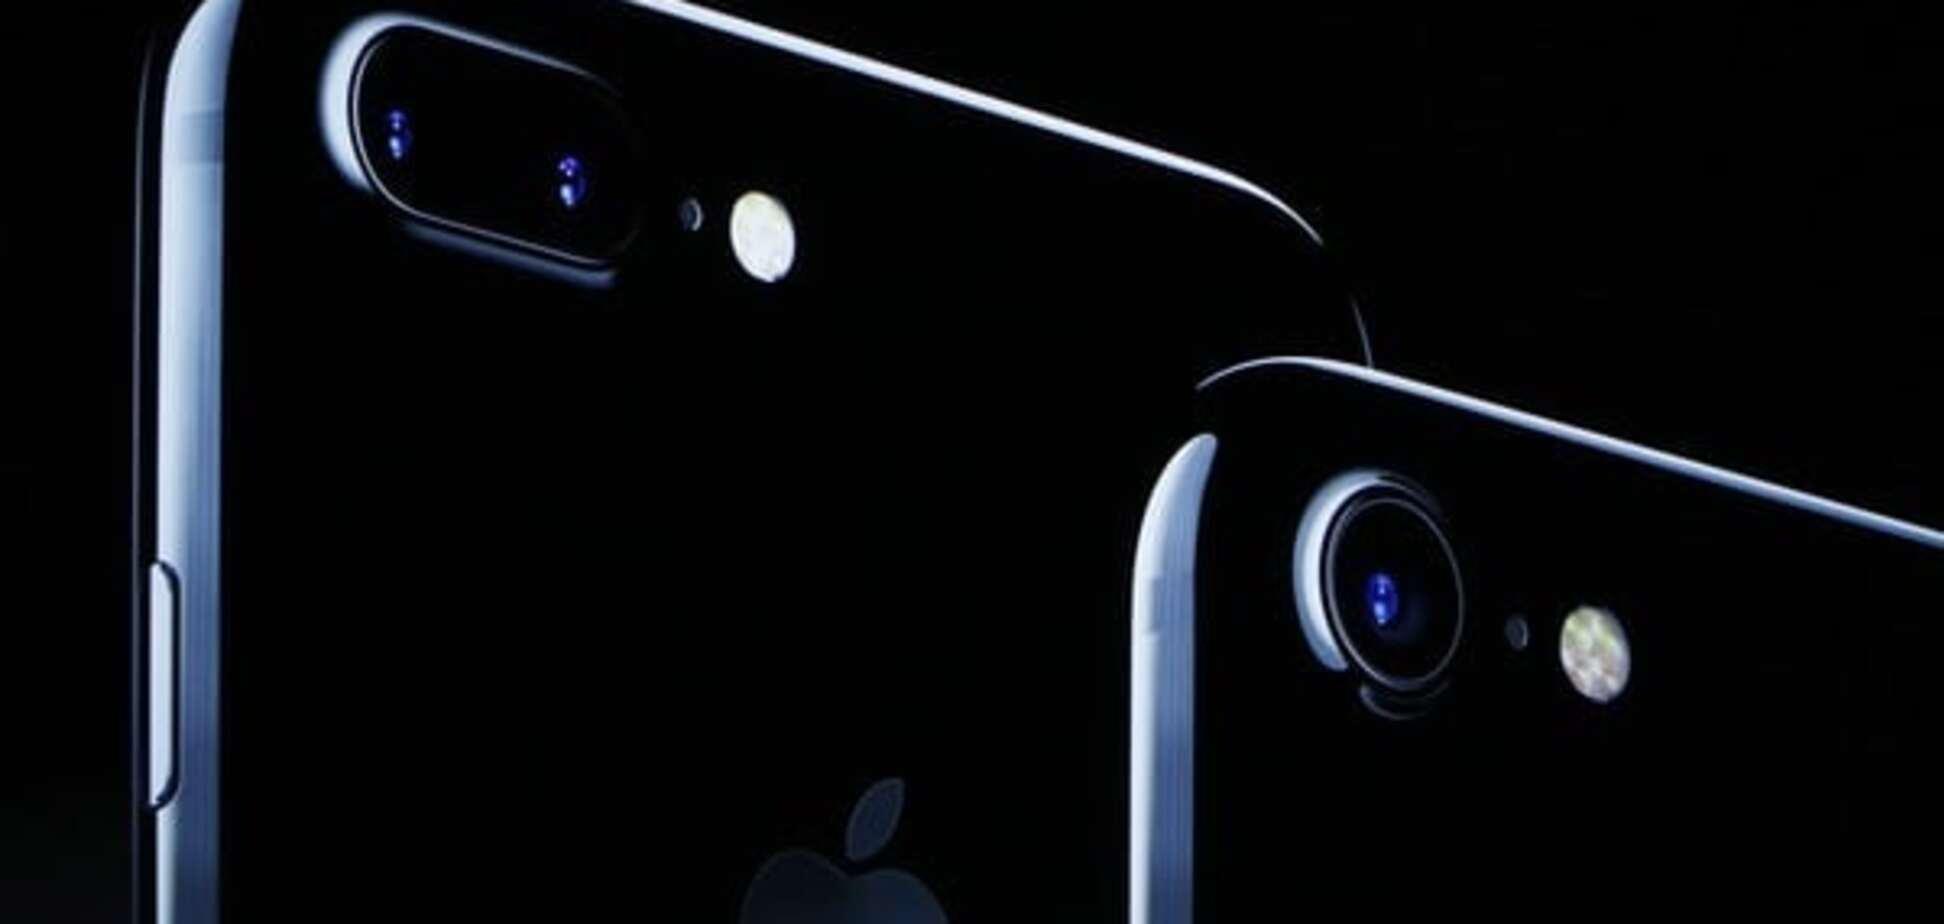 Експерт назвав нововведення в iPhone 7, яке дратуватиме користувачів